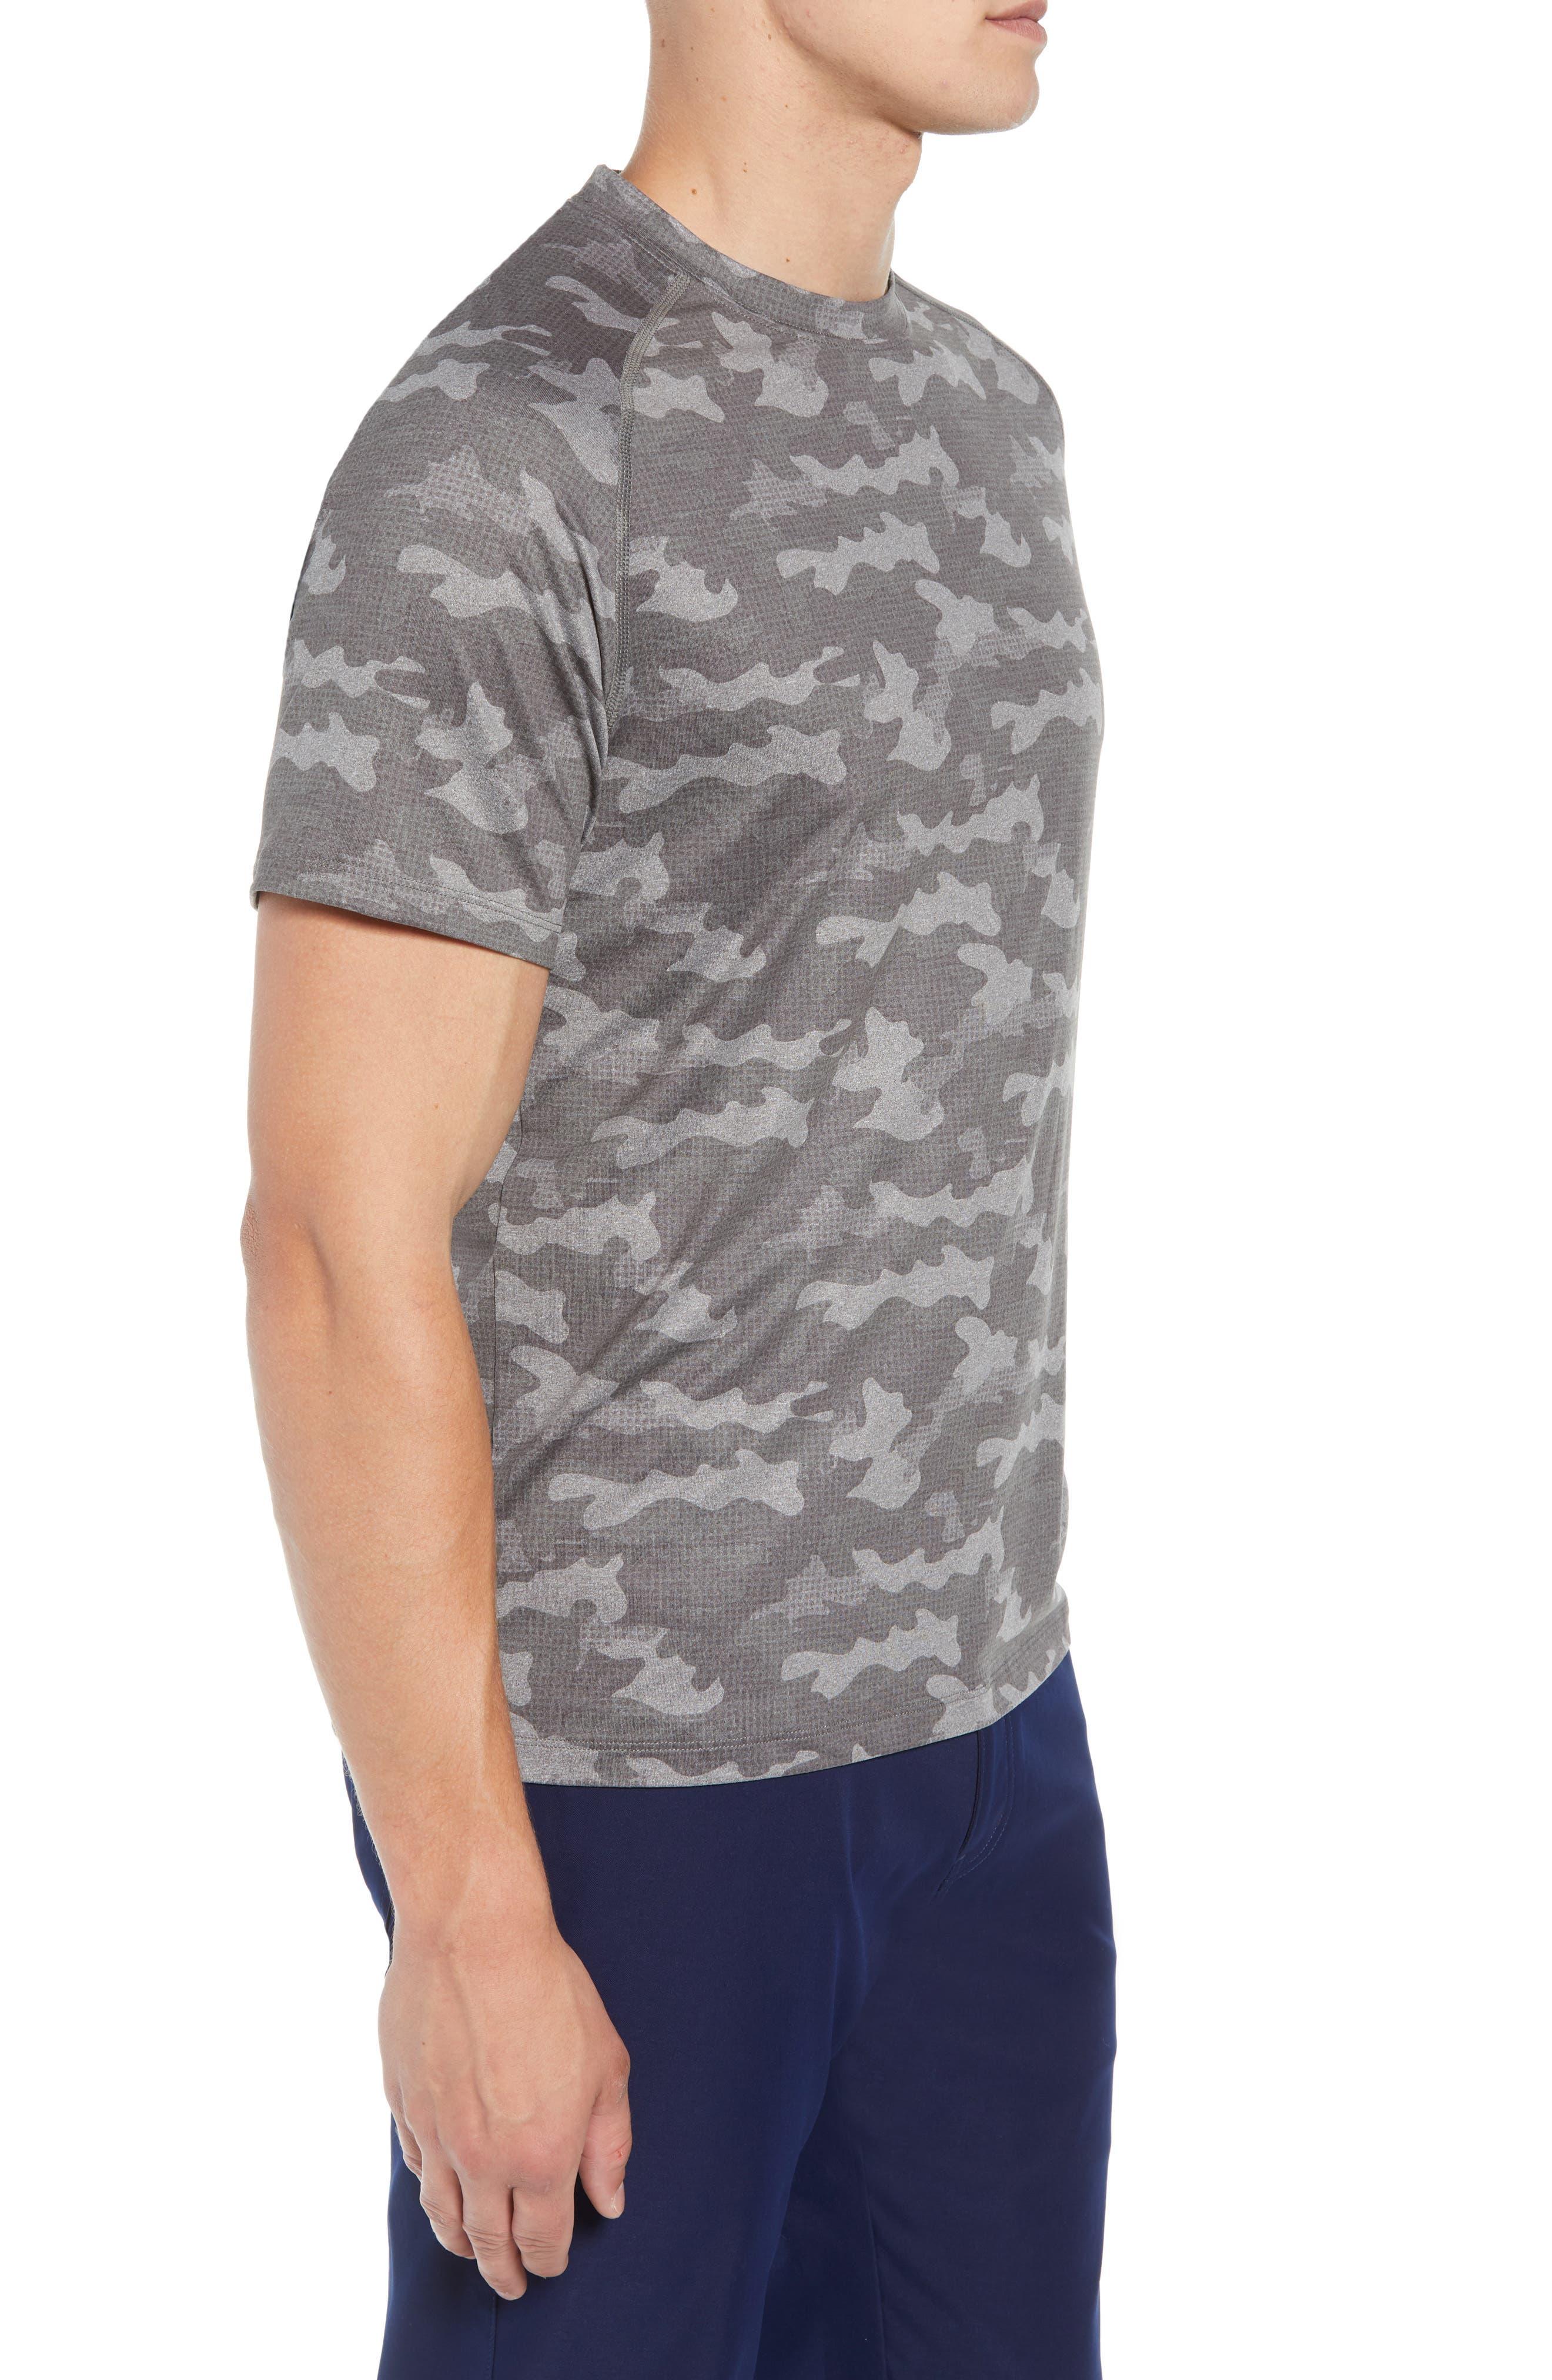 Rio Camo Tech T-Shirt,                             Alternate thumbnail 3, color,                             GREY